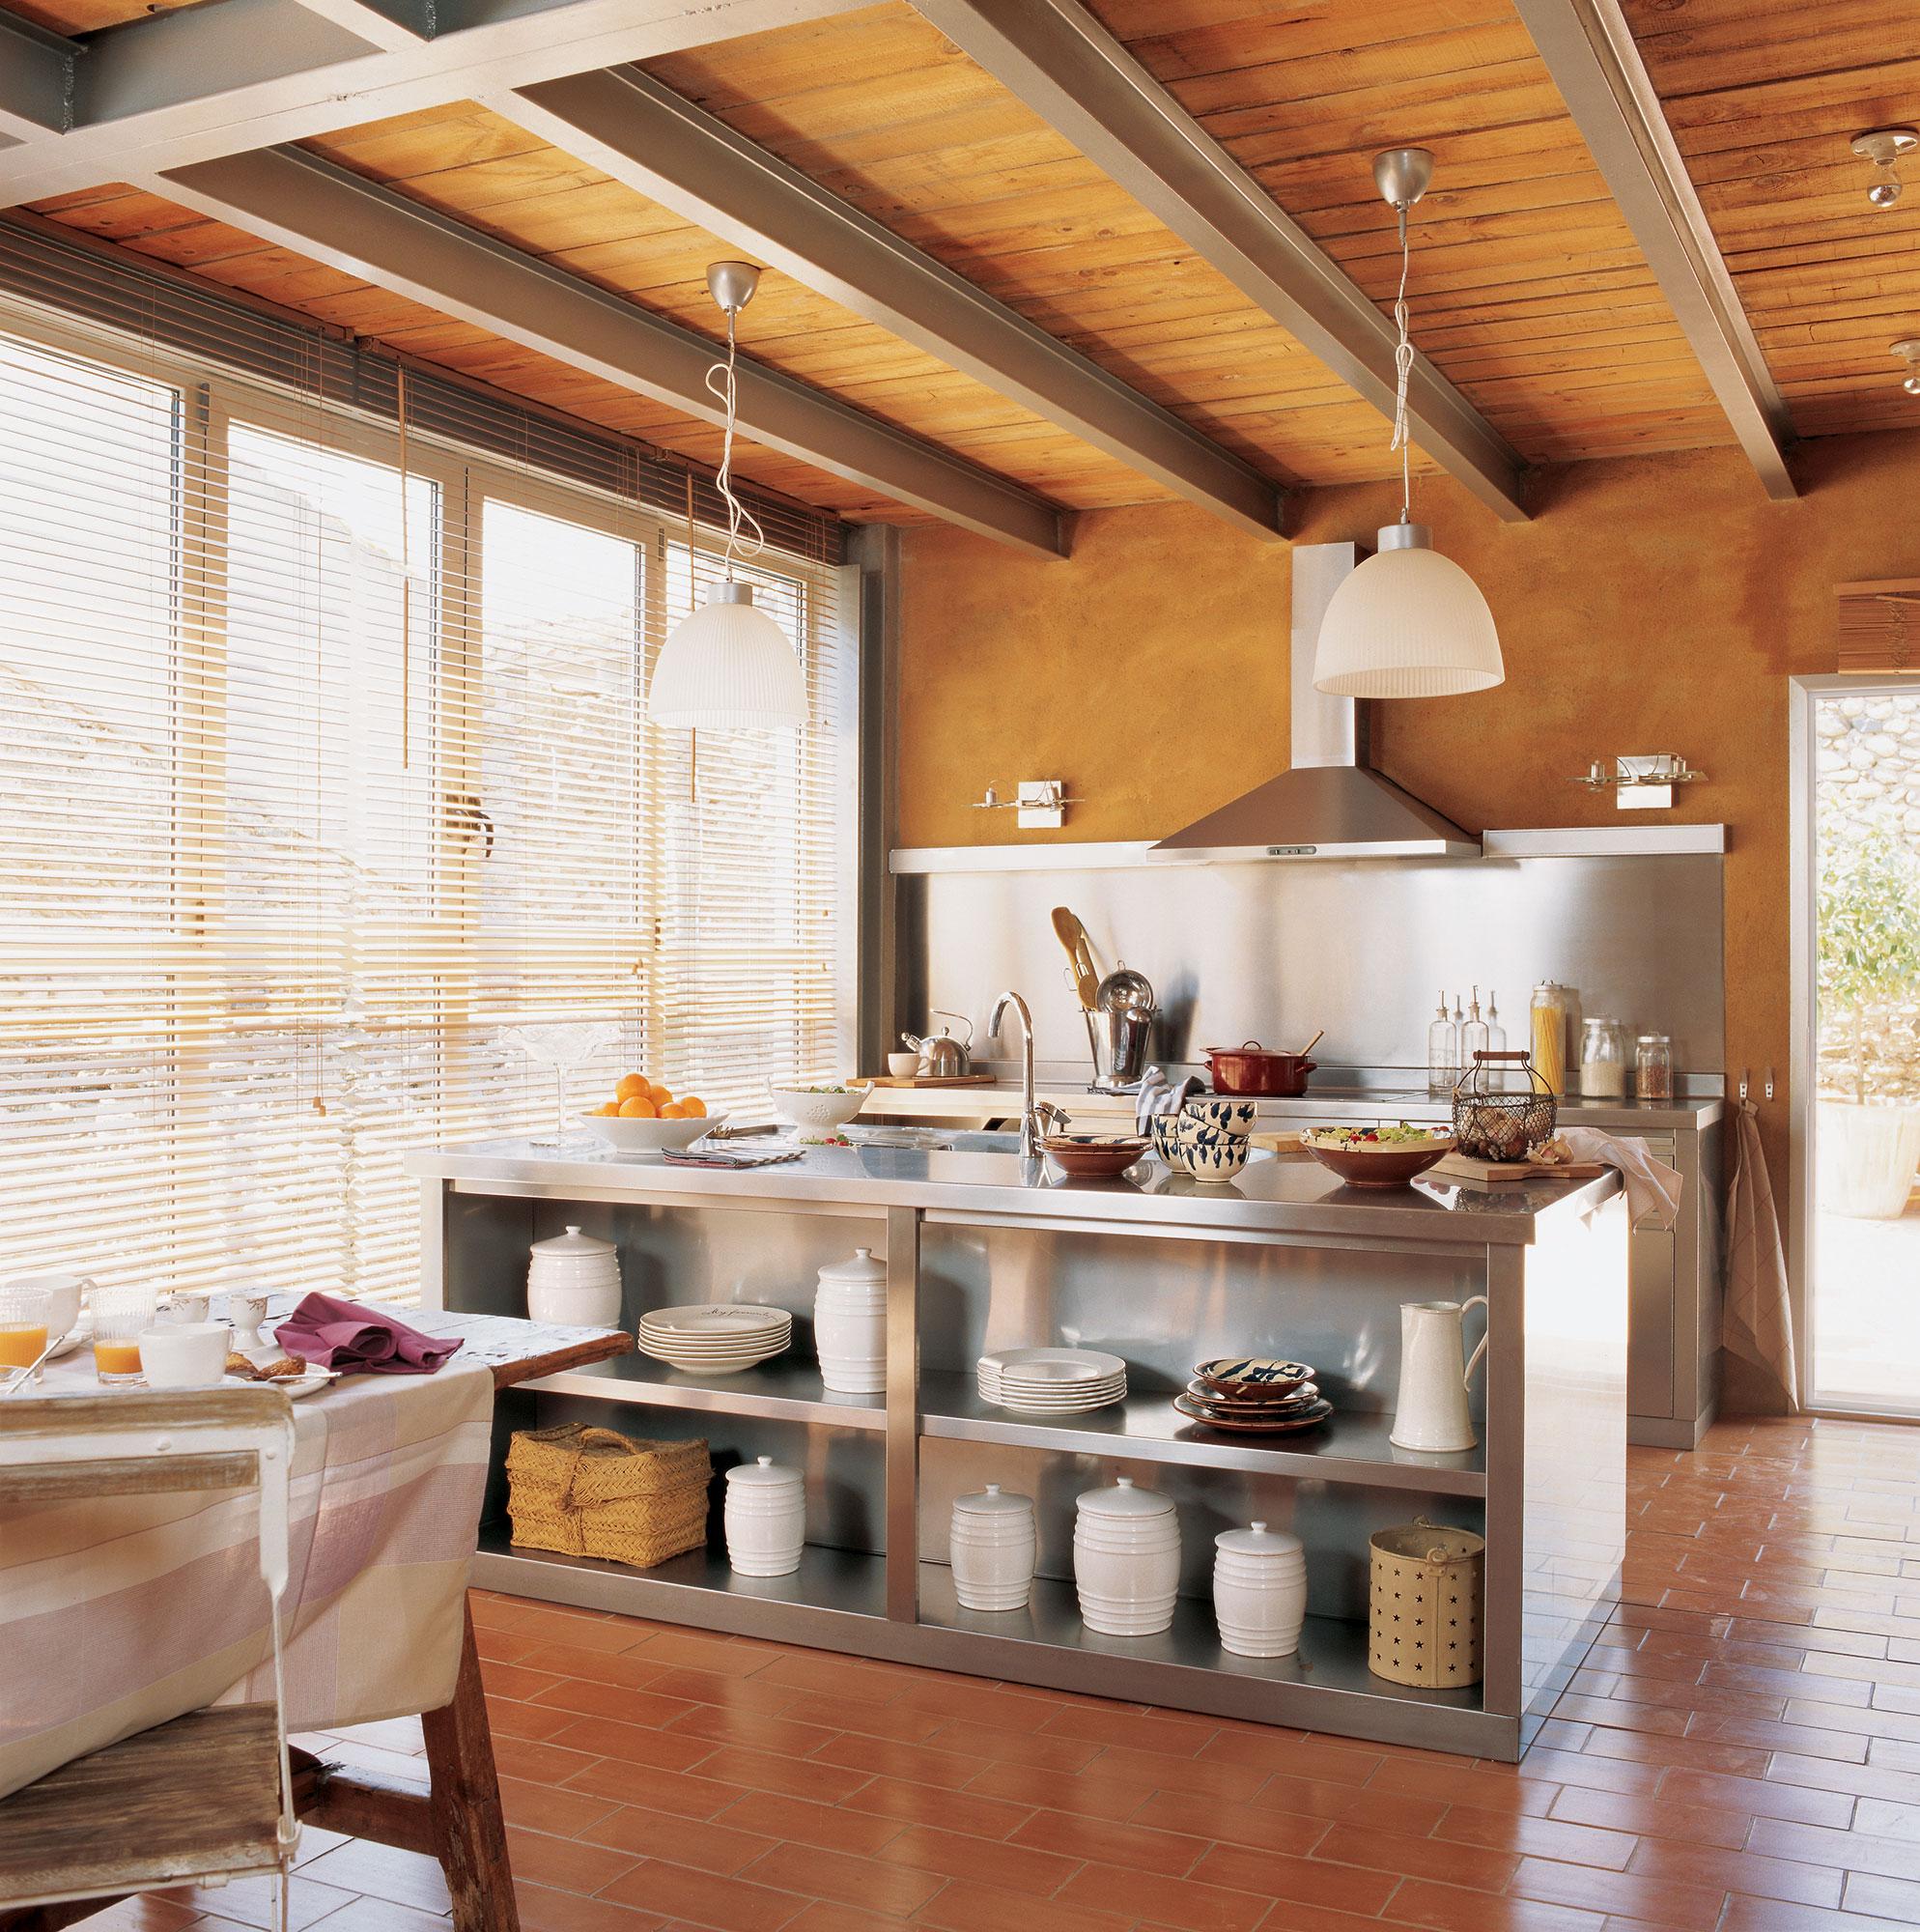 Vigas decorativas c mo integrarlas en la decoraci n for Cocina de madera antracita